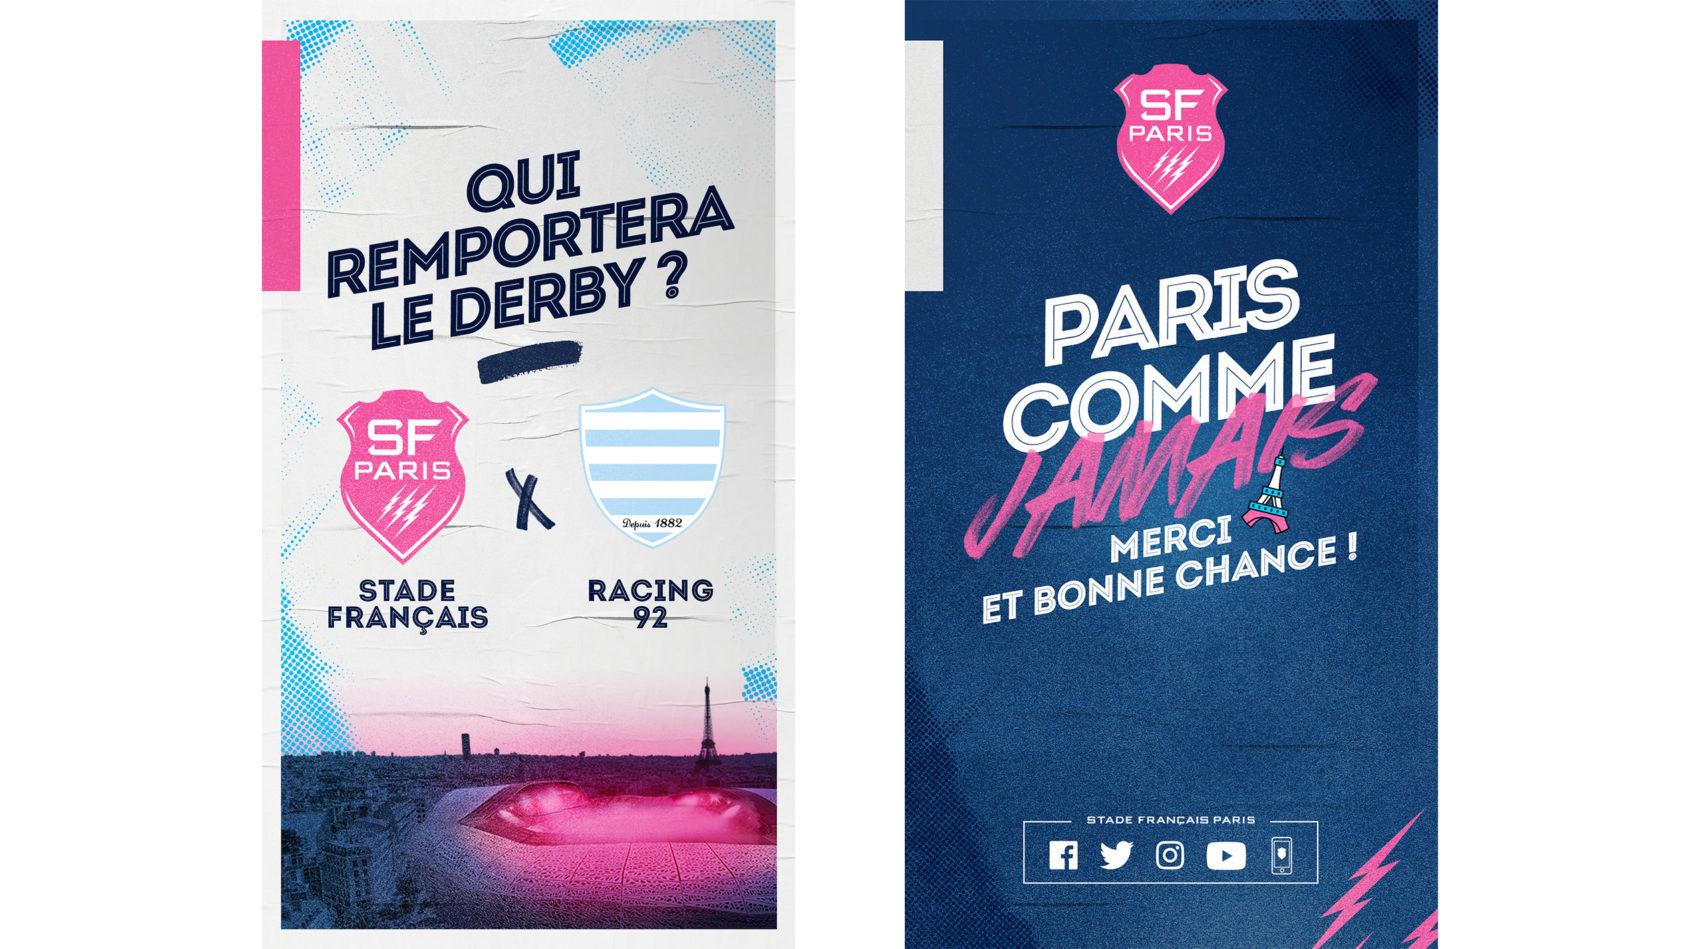 visuel_activation_projet_strategie_campagne_globale_paris_comme_jamais_derby_le_stade_francais_lafourmi